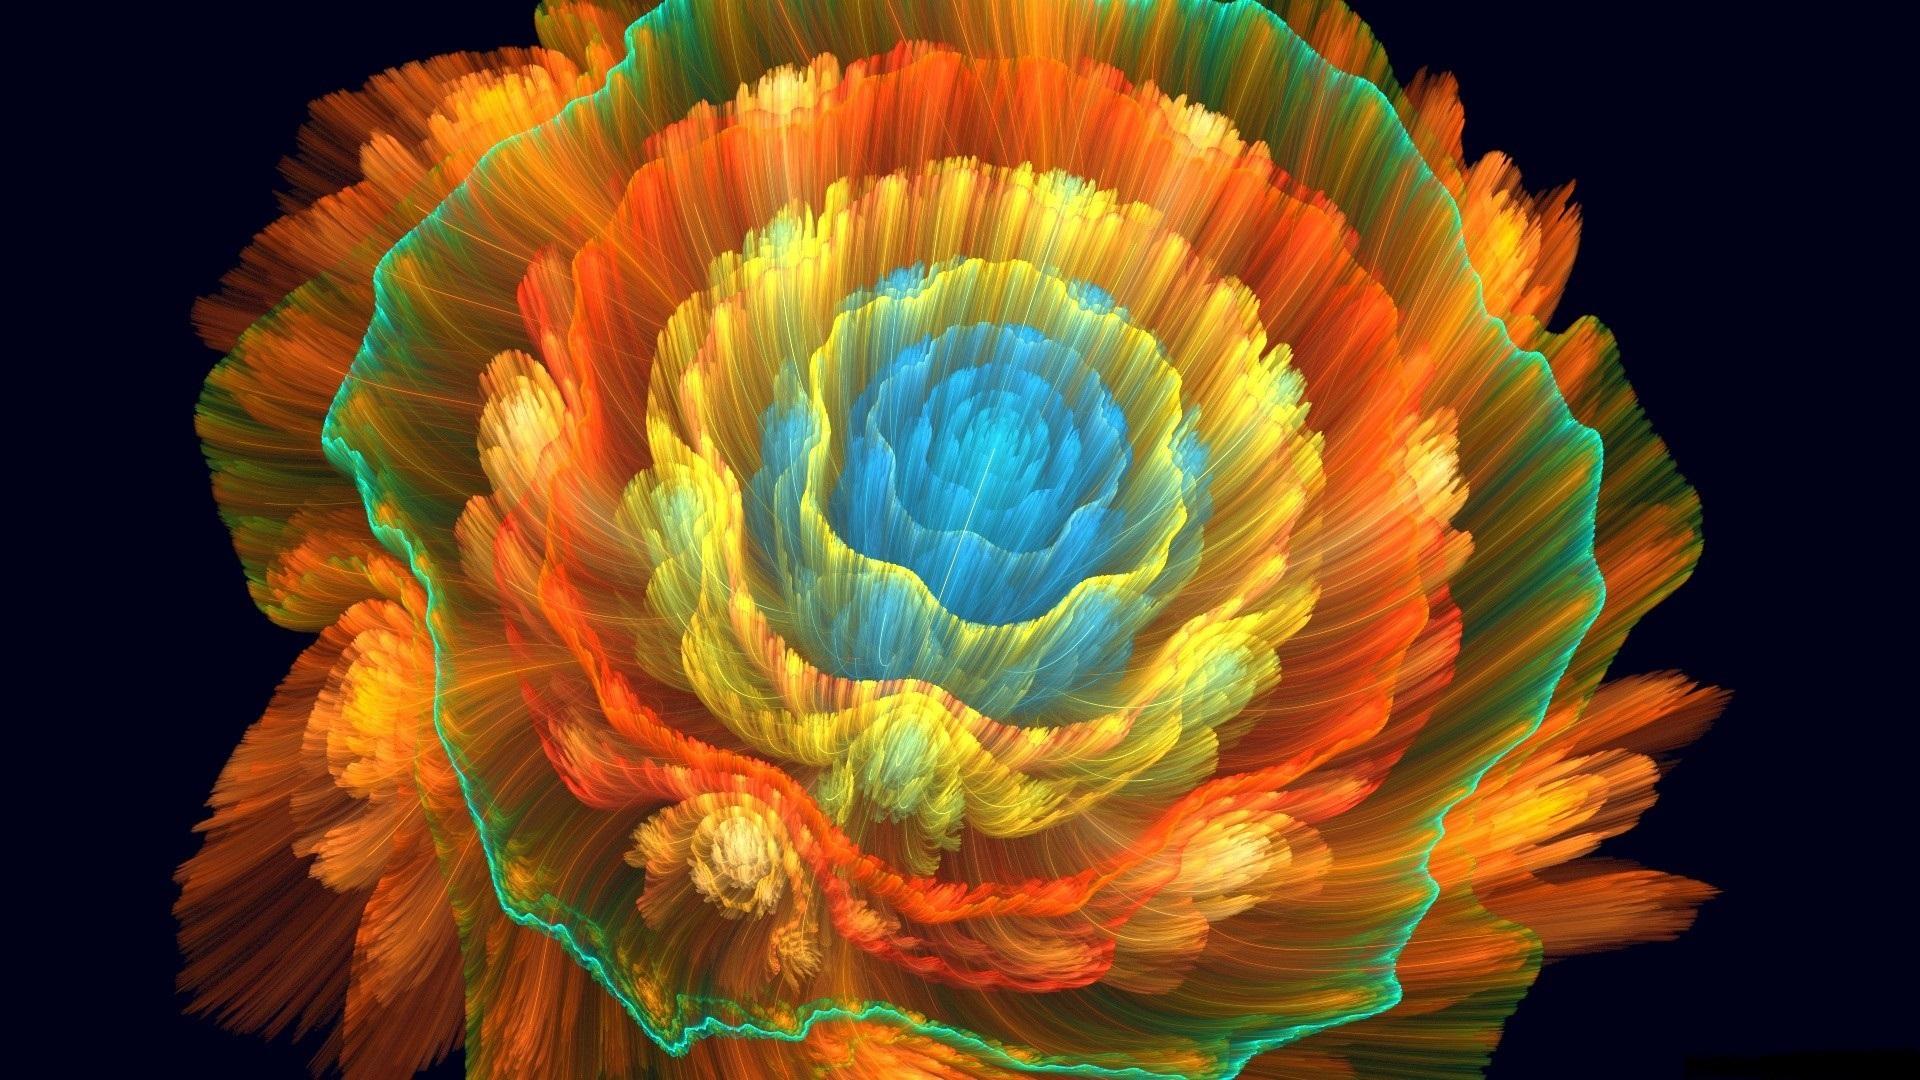 壁紙 美しい抽象的な花 カラフル 1920x1080 Full Hd 2k 無料の